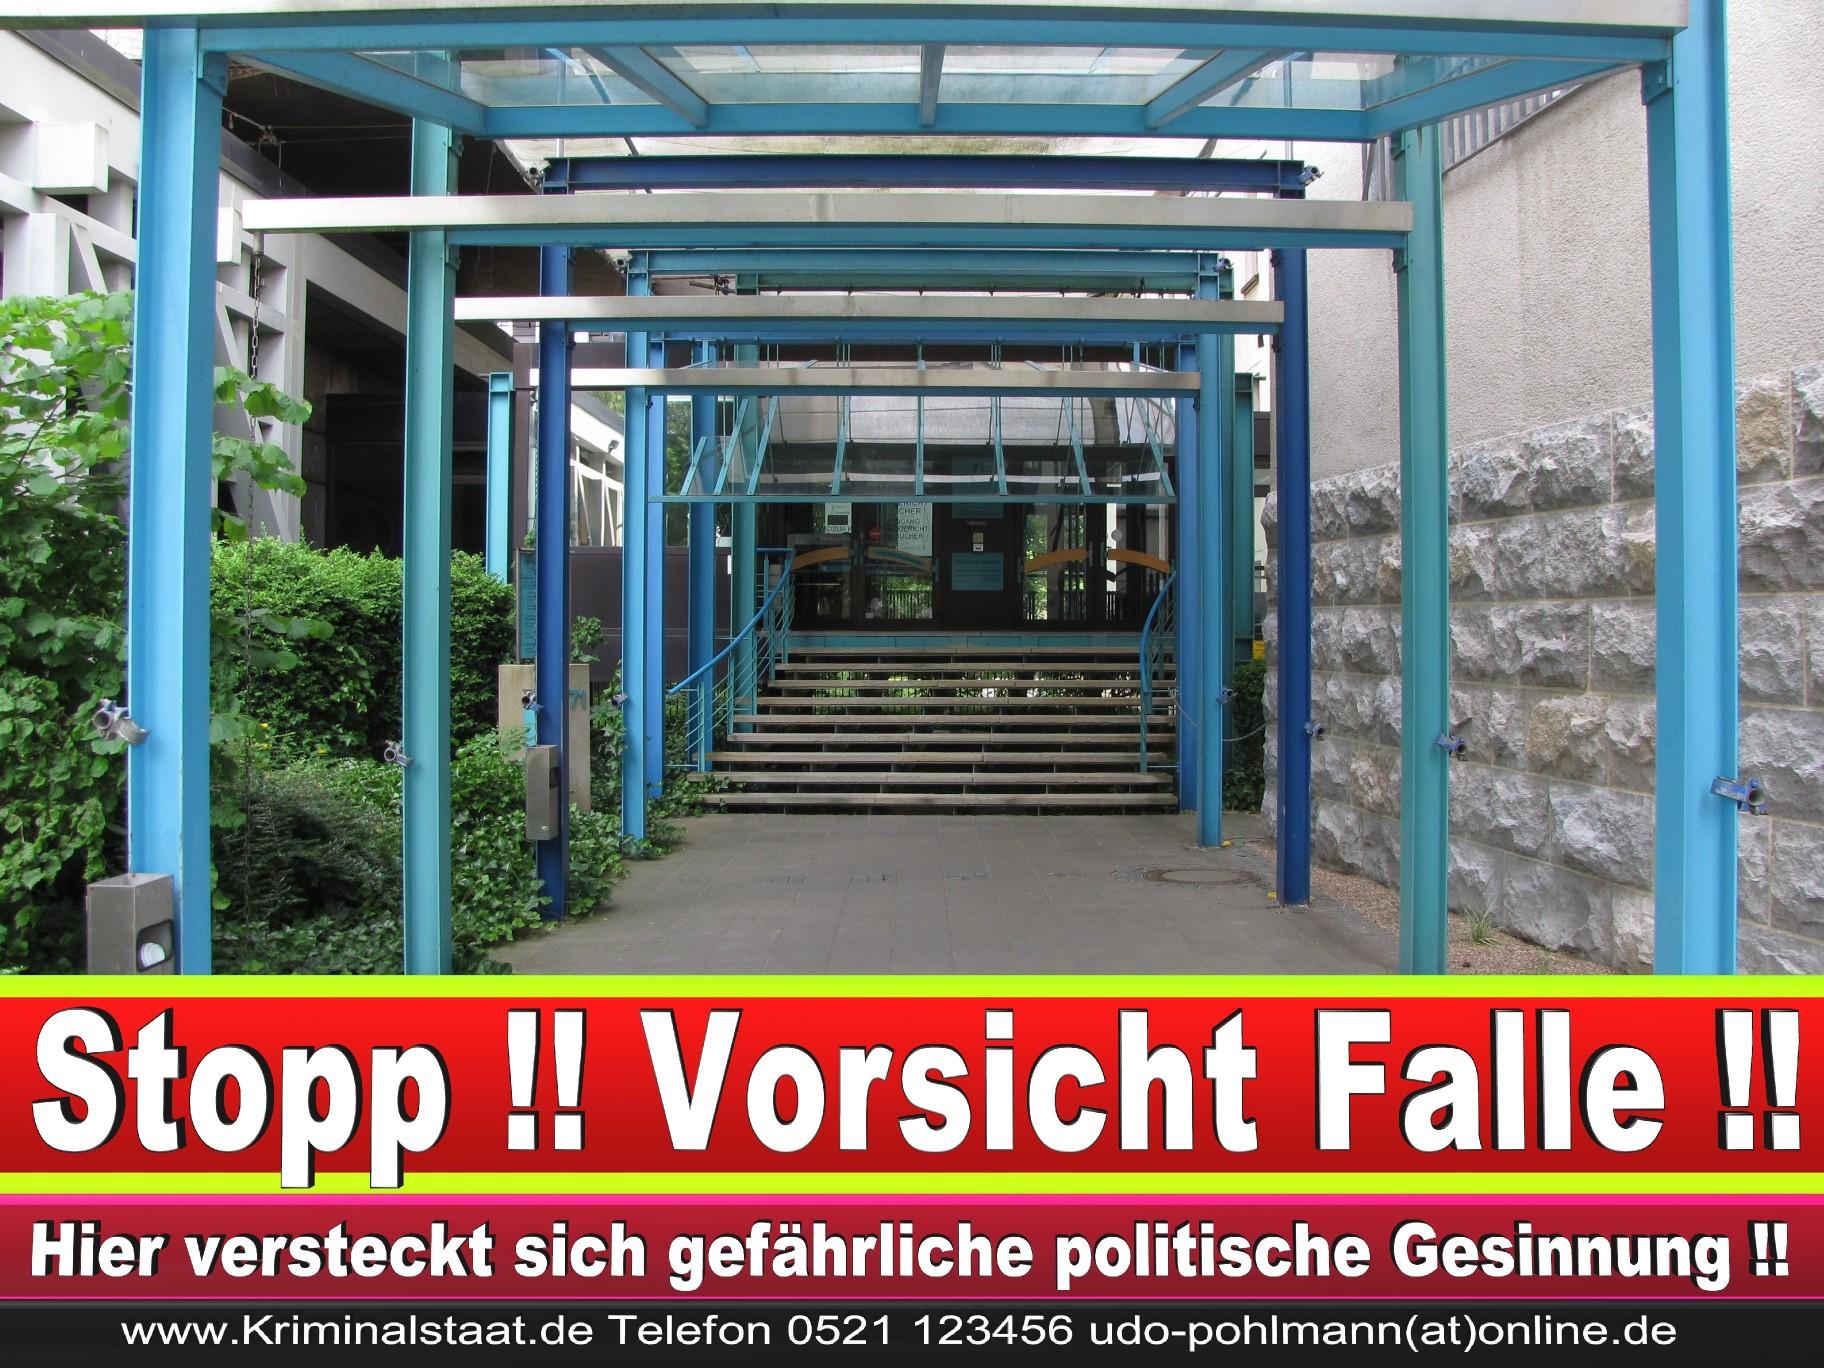 CDU Landgericht Bielefeld Landgerichtspräsident Klaus Petermann Hochstraße Bünde Jens Gnisa Richterbund Richtervereinigung 31